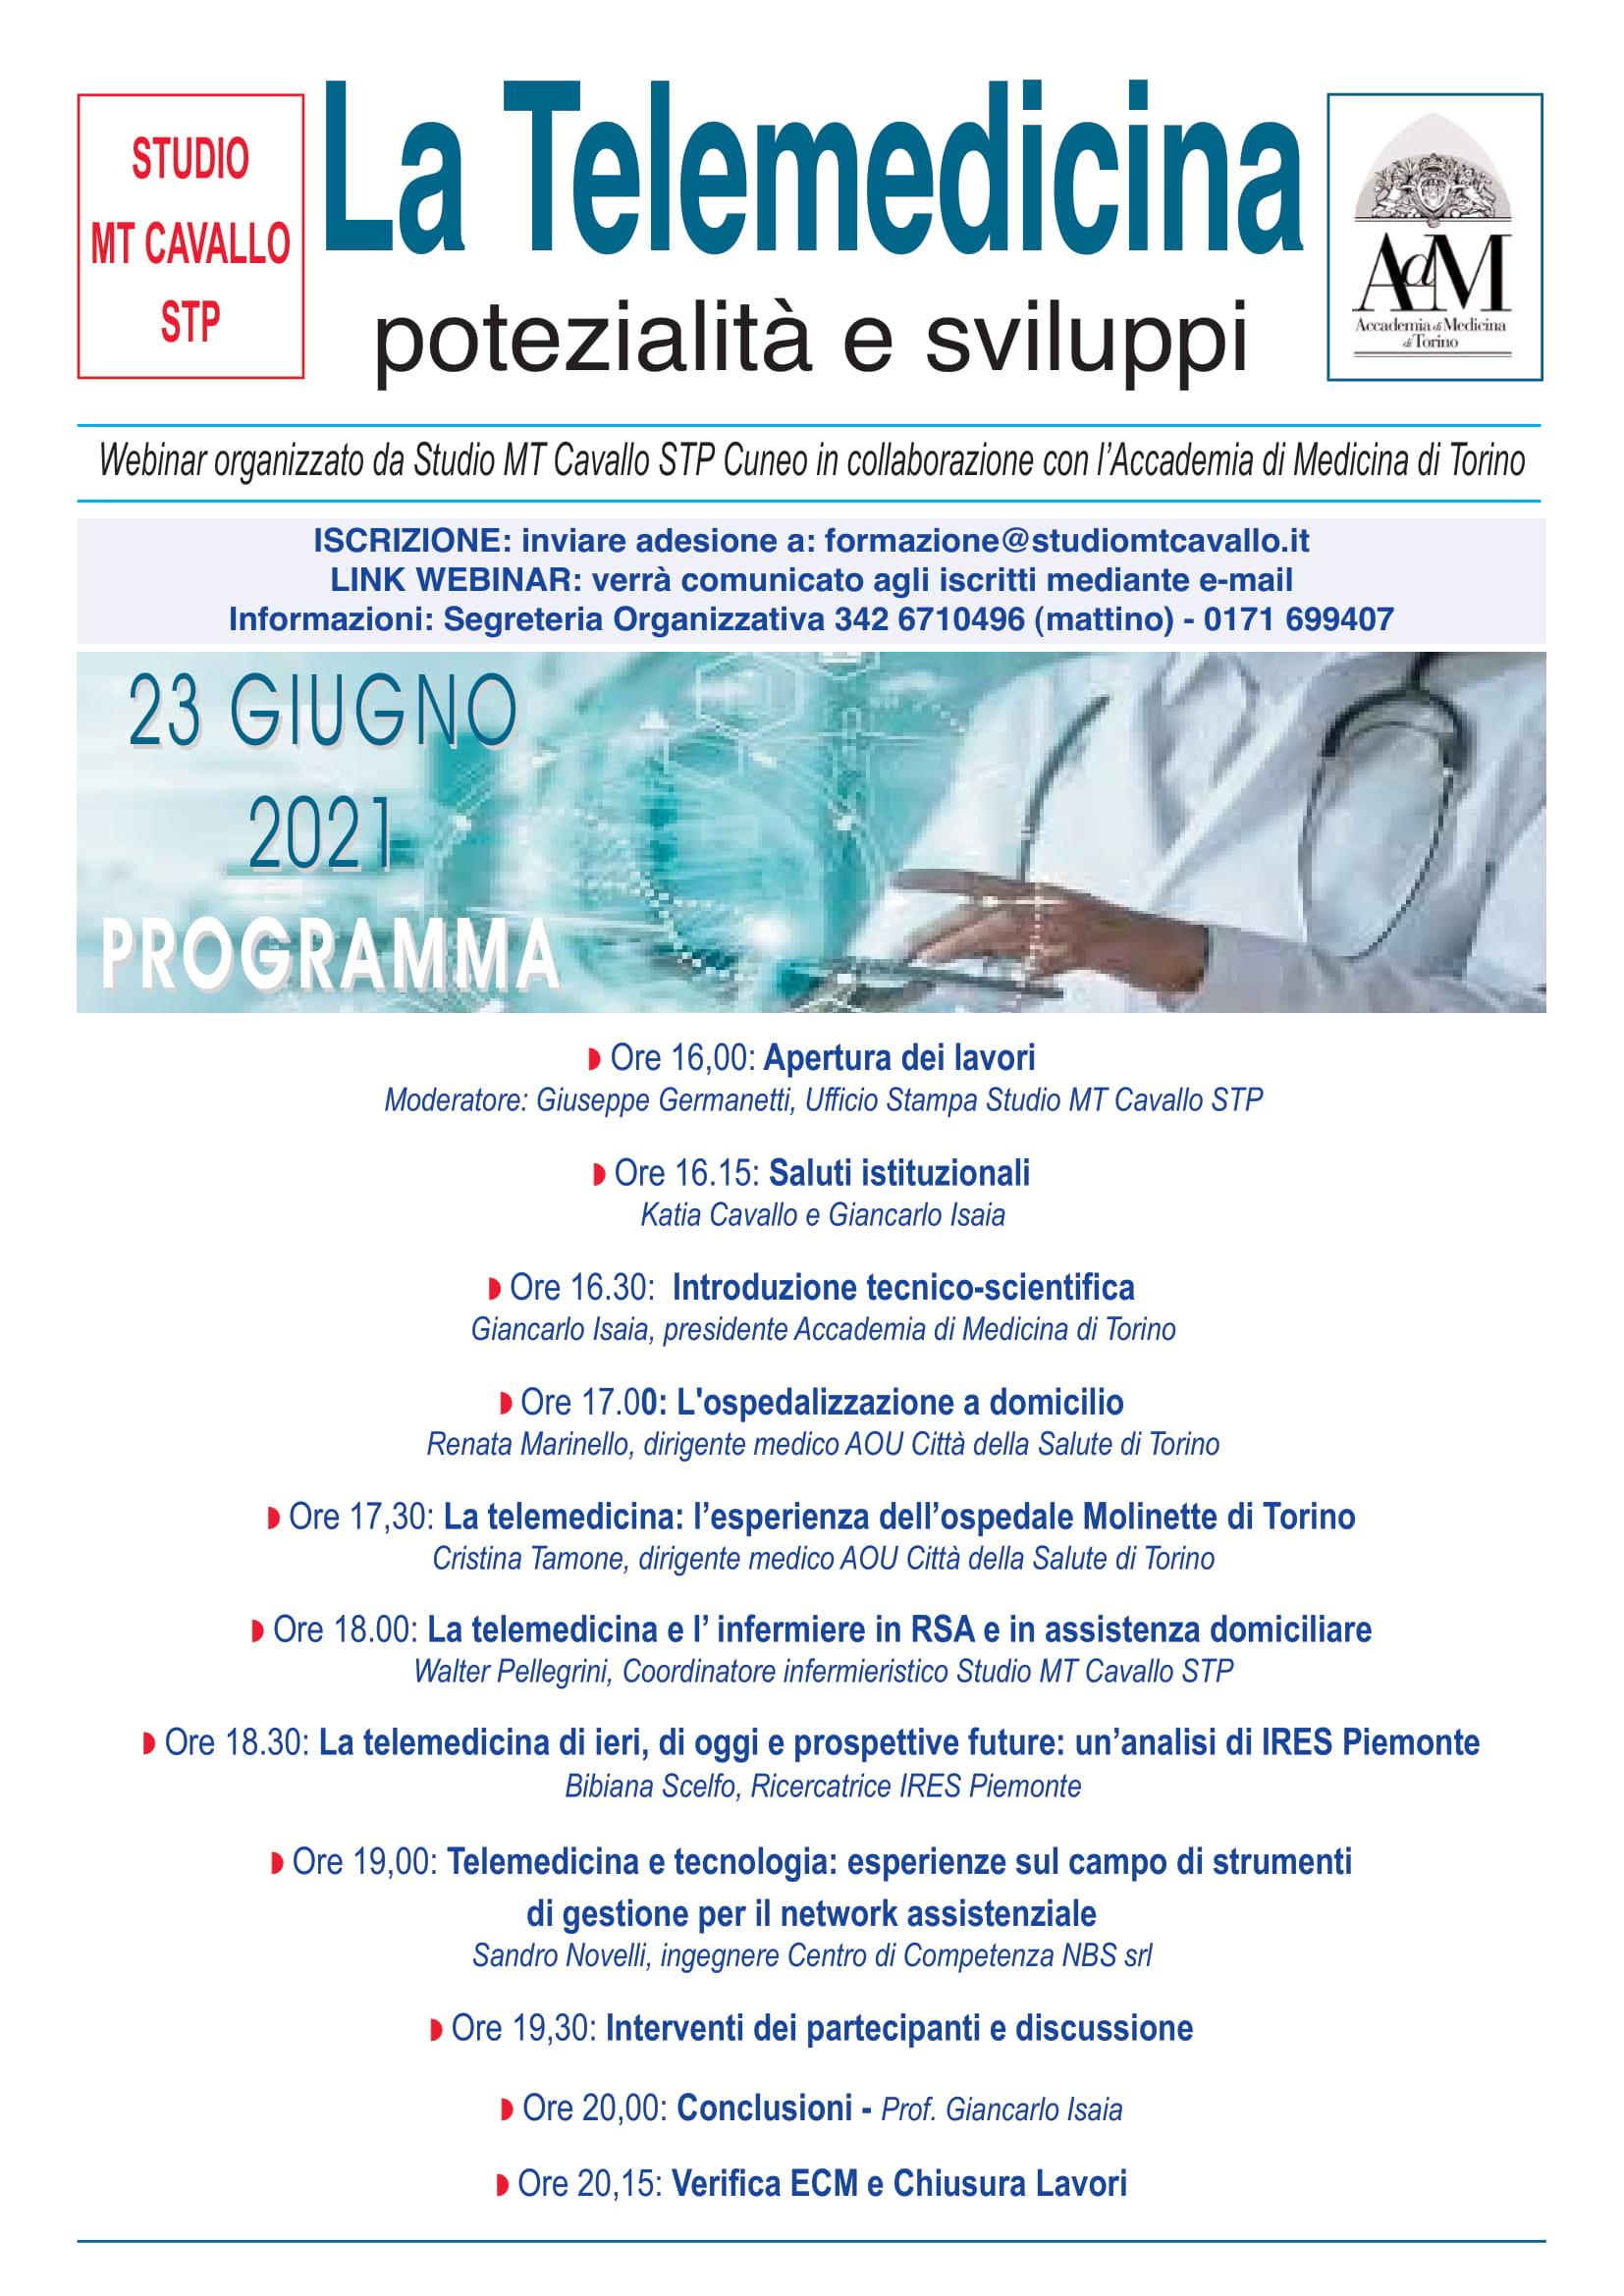 """L'Accademia di Medicina di Torino, organizza un convegno sul tema """"Telemedicina: potenzialità e sviluppi"""""""